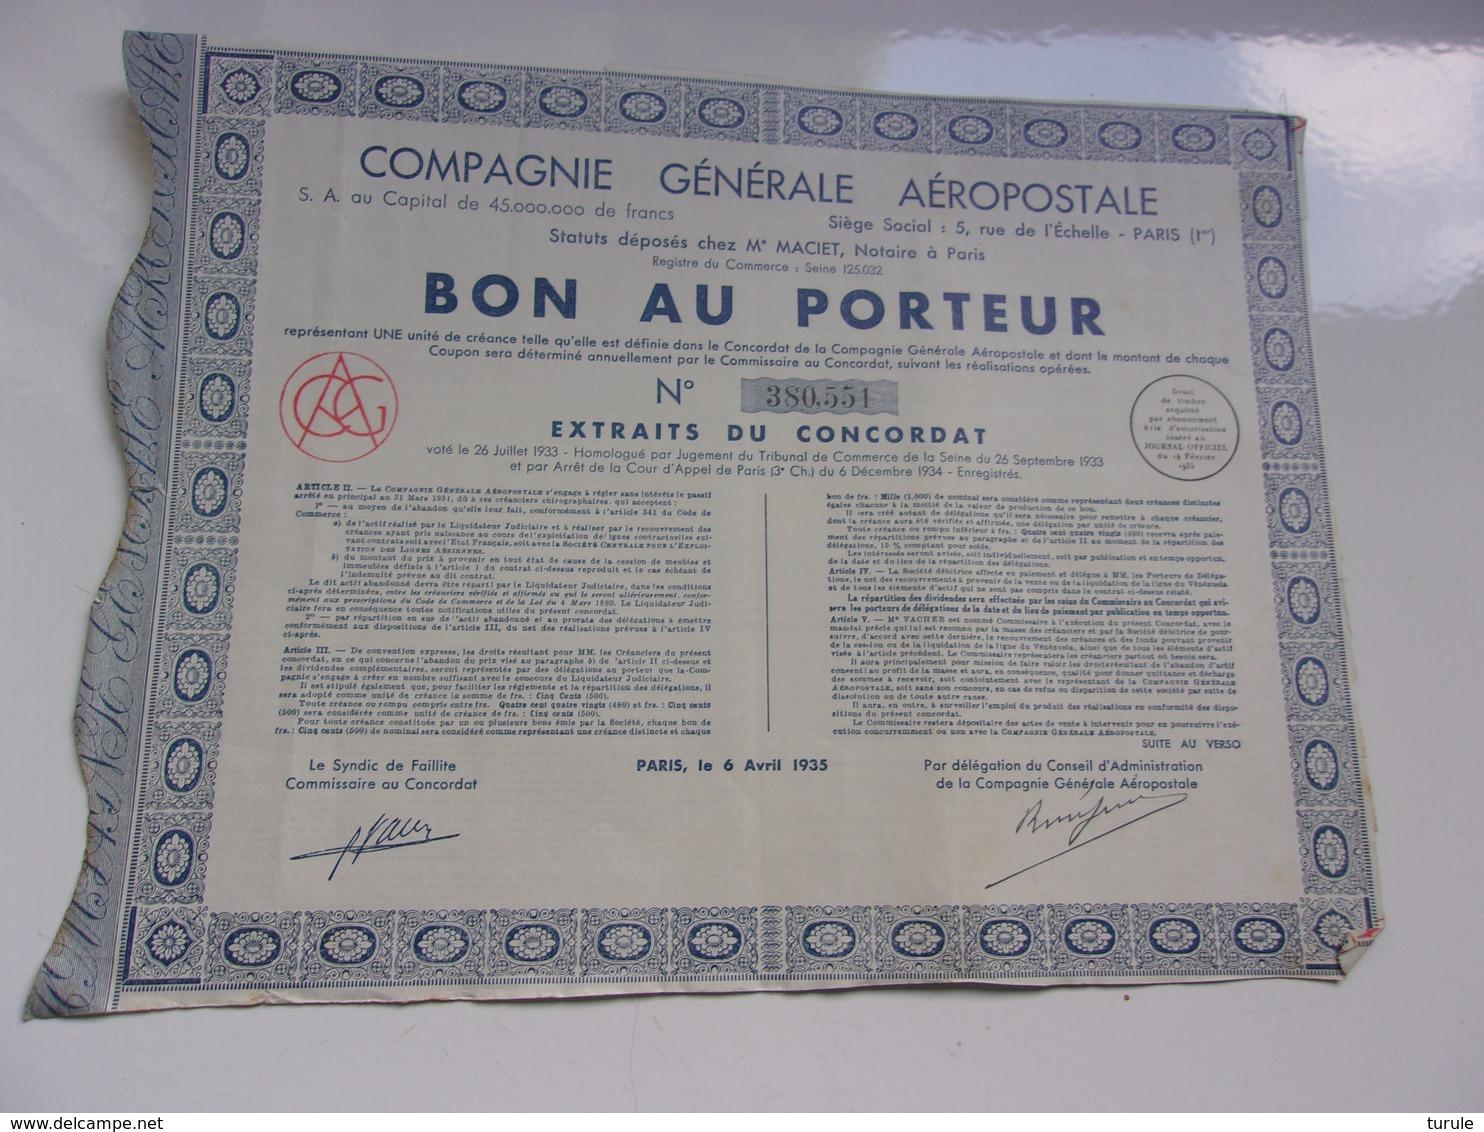 COMPAGNIE GENERALE AEROPOSTALE (bon Au Porteur) 1935 - Shareholdings